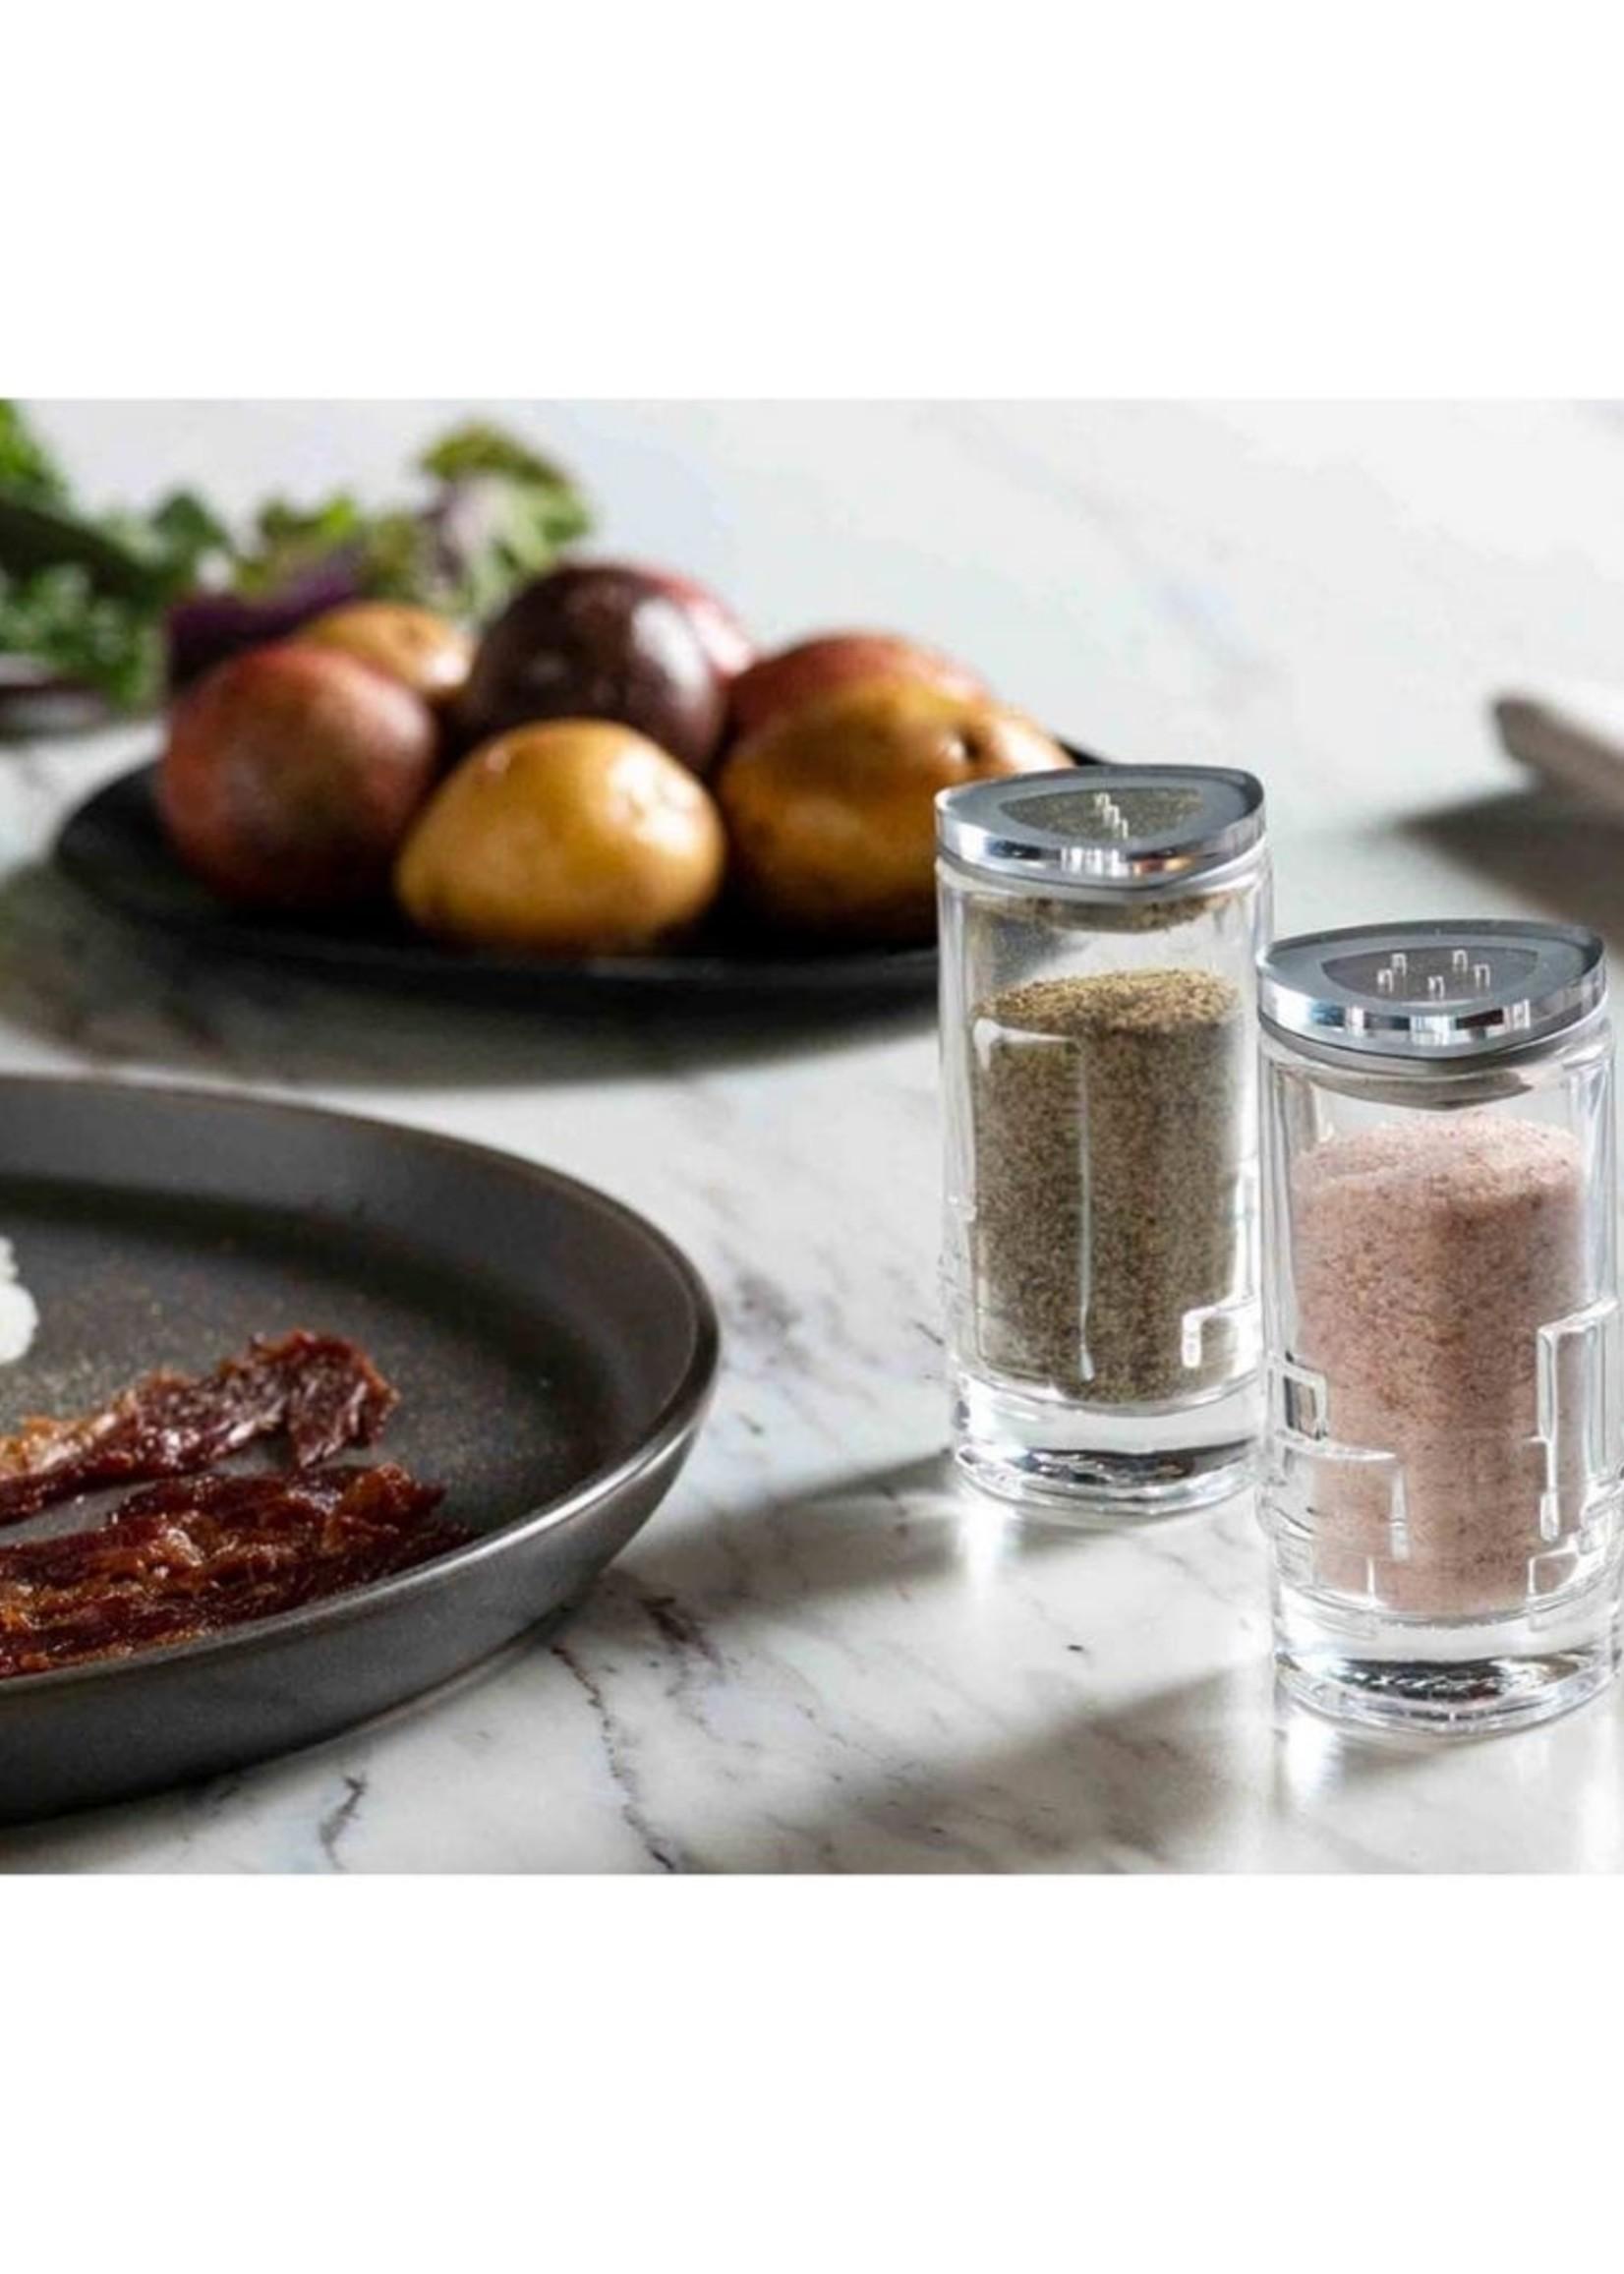 Revere Salt and Pepper Shakers